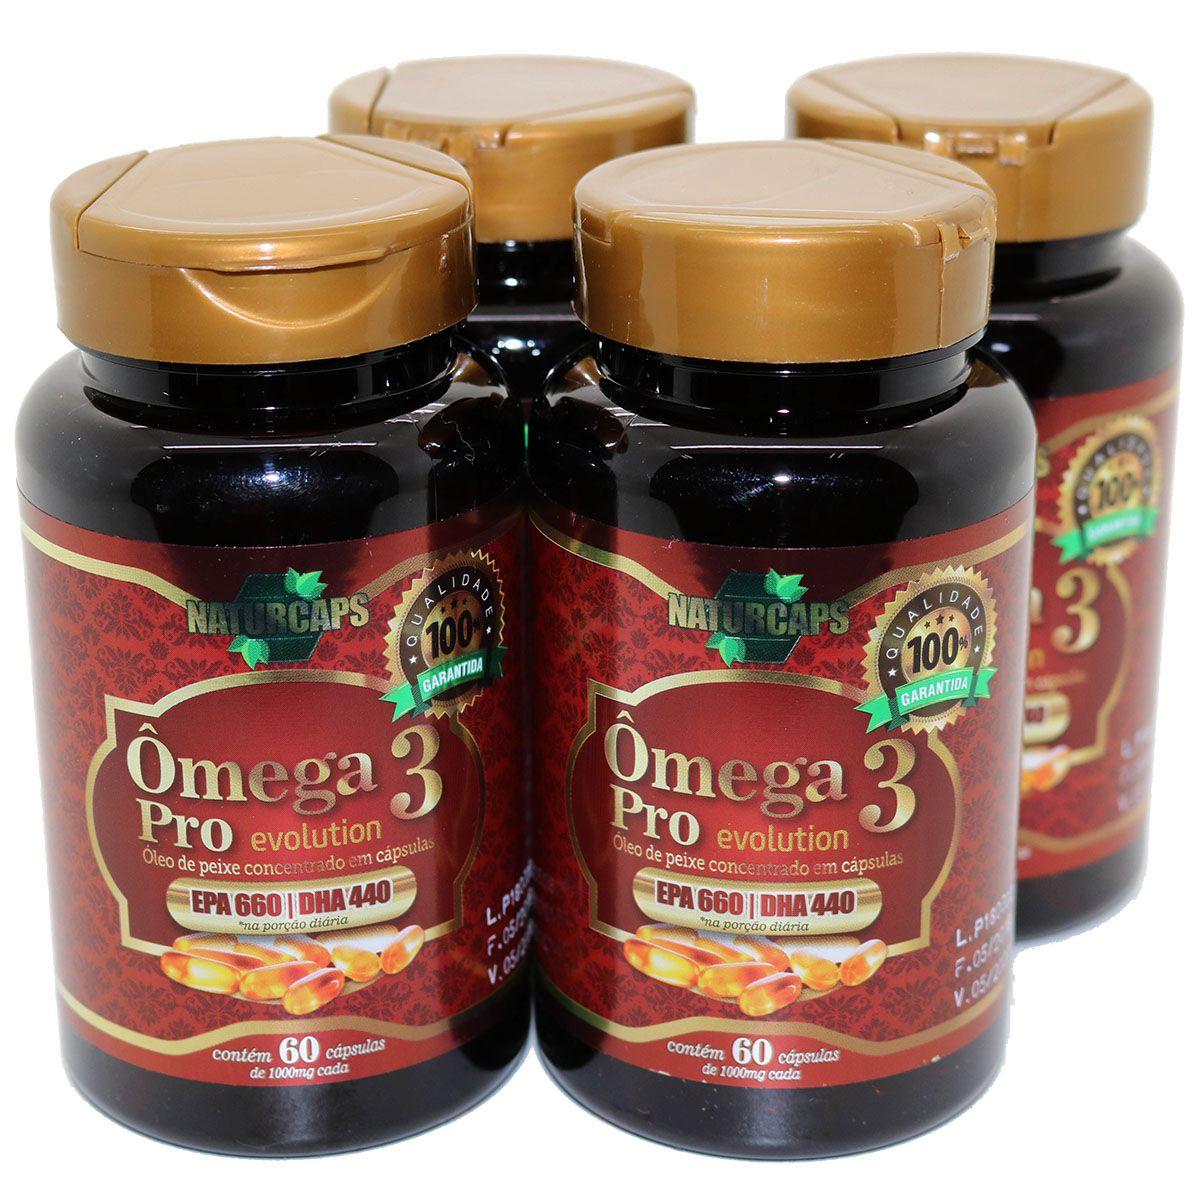 Omega 3 Concentrado 33/22 Antioxidante - Naturcaps - 4 Potes